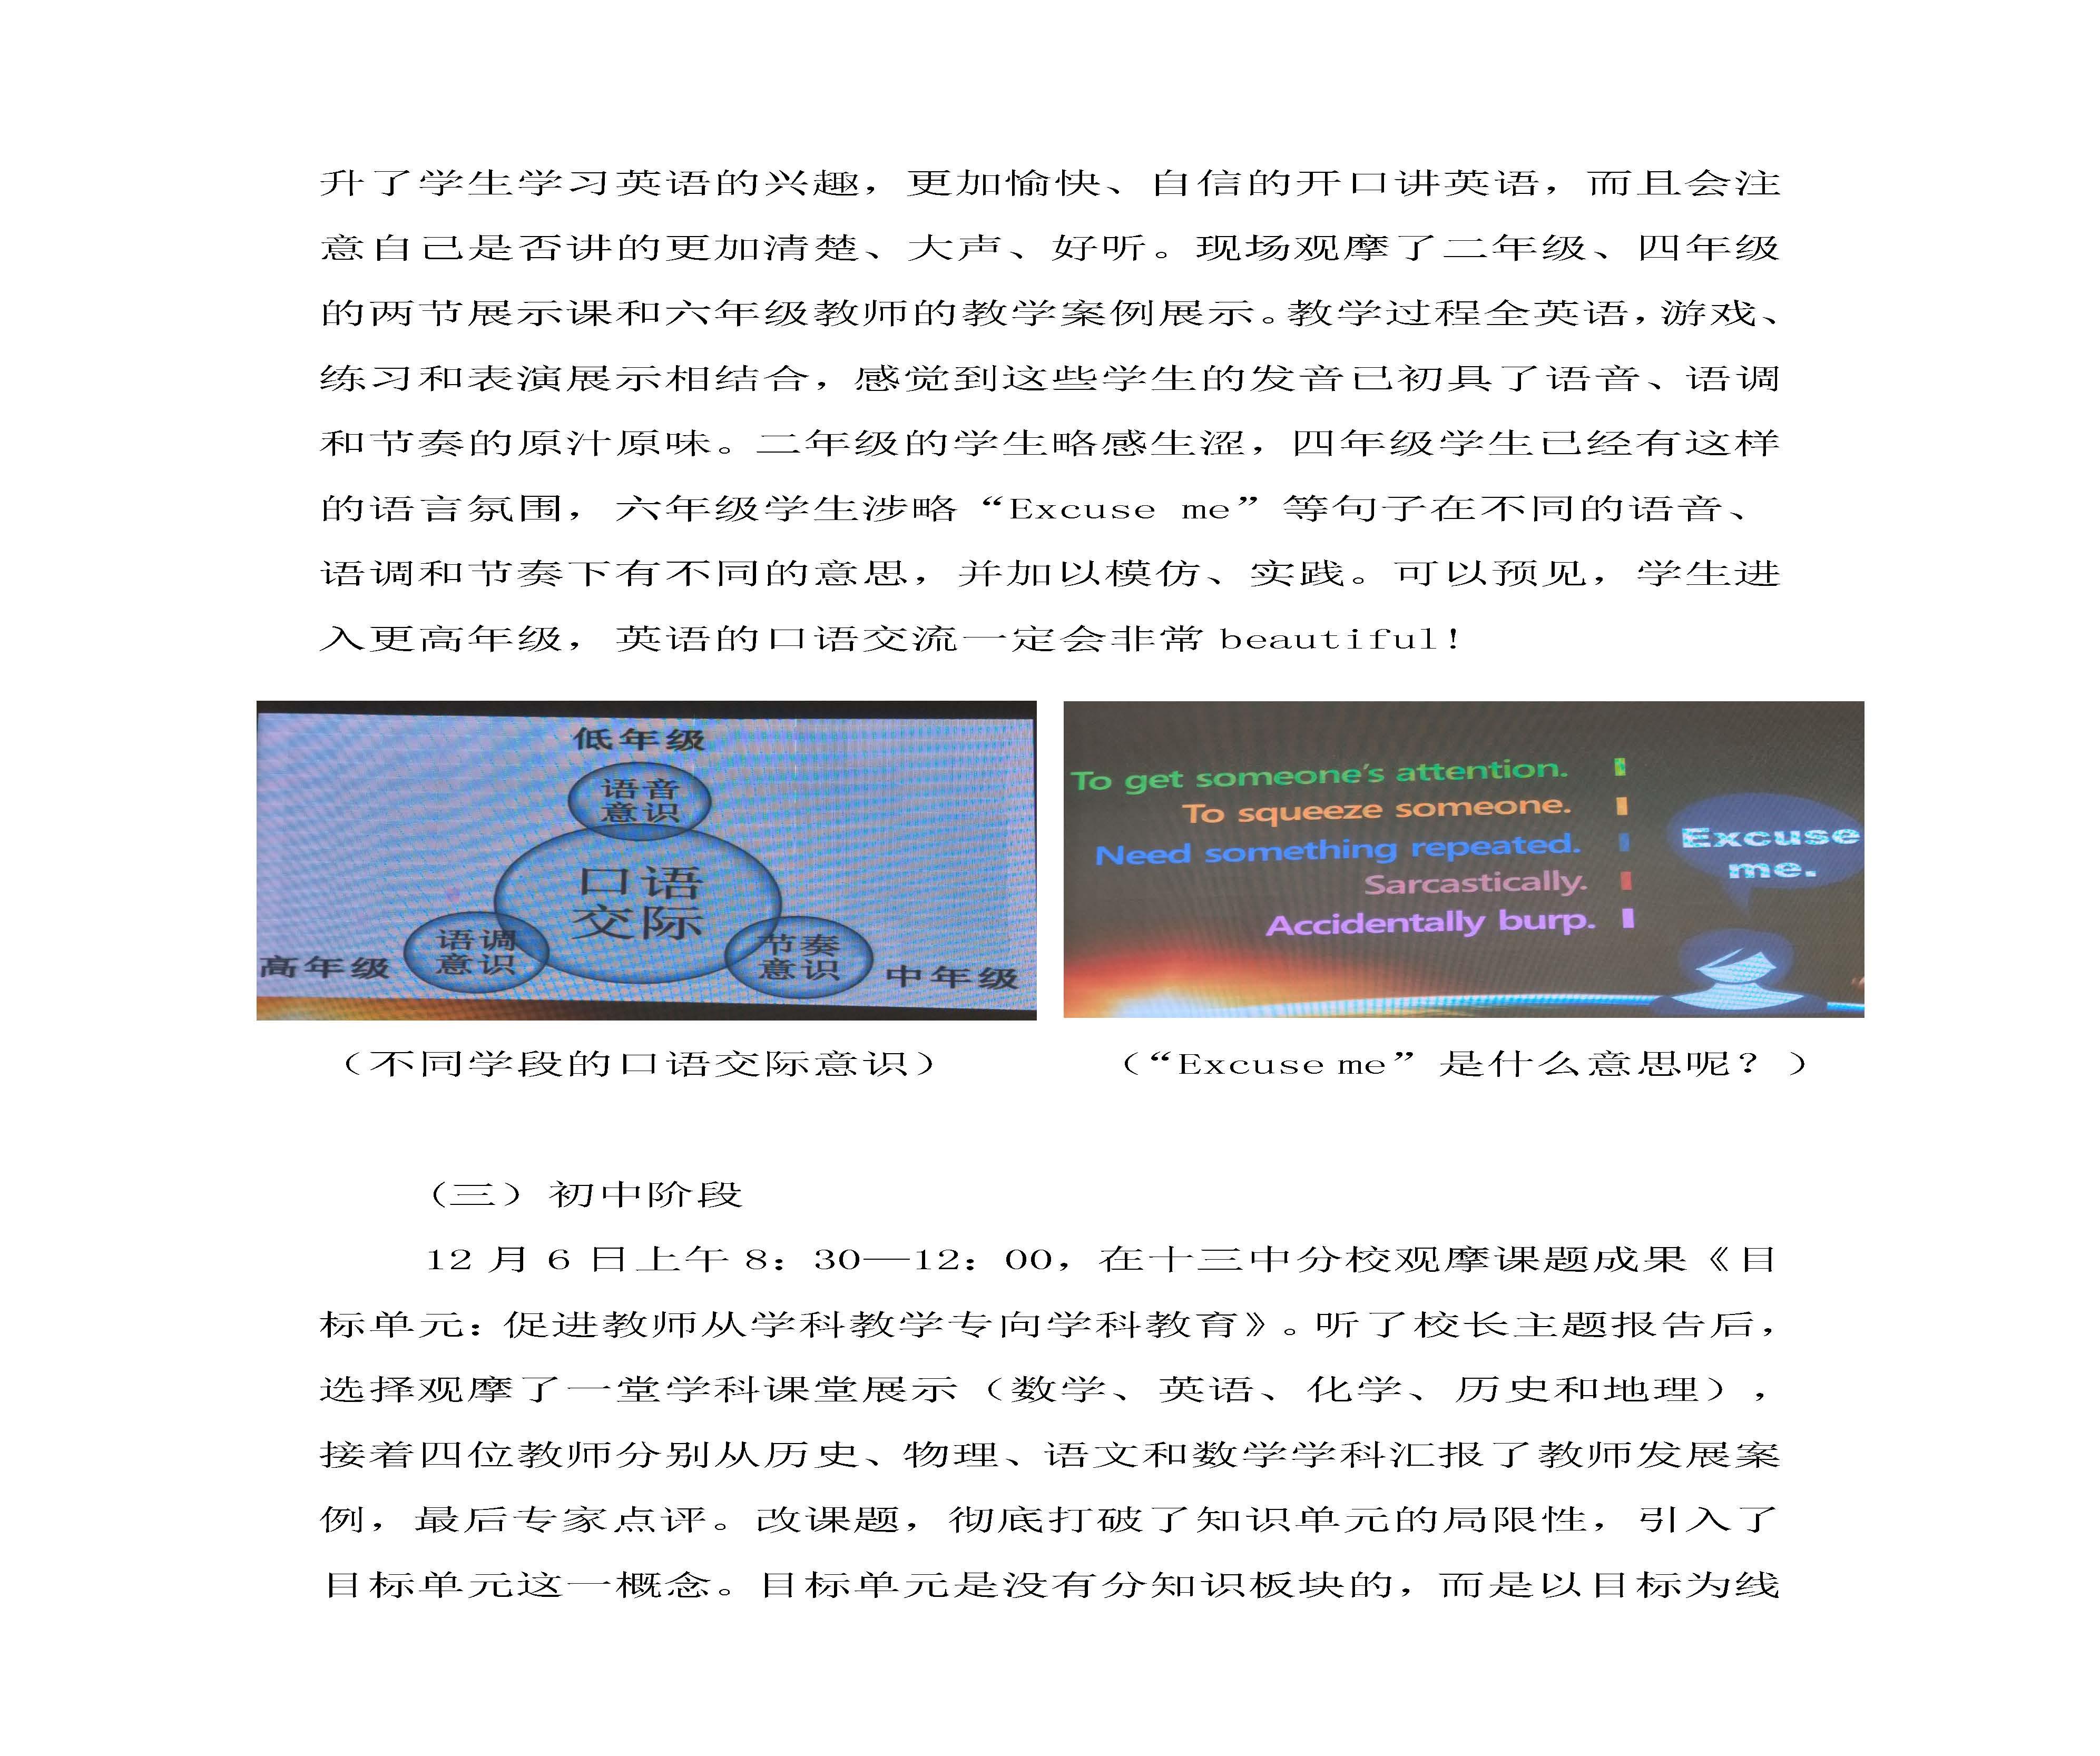 观摩2017北京市西城区科研月活动汇报材料(温俊芳12.12)_页面_5.jpg